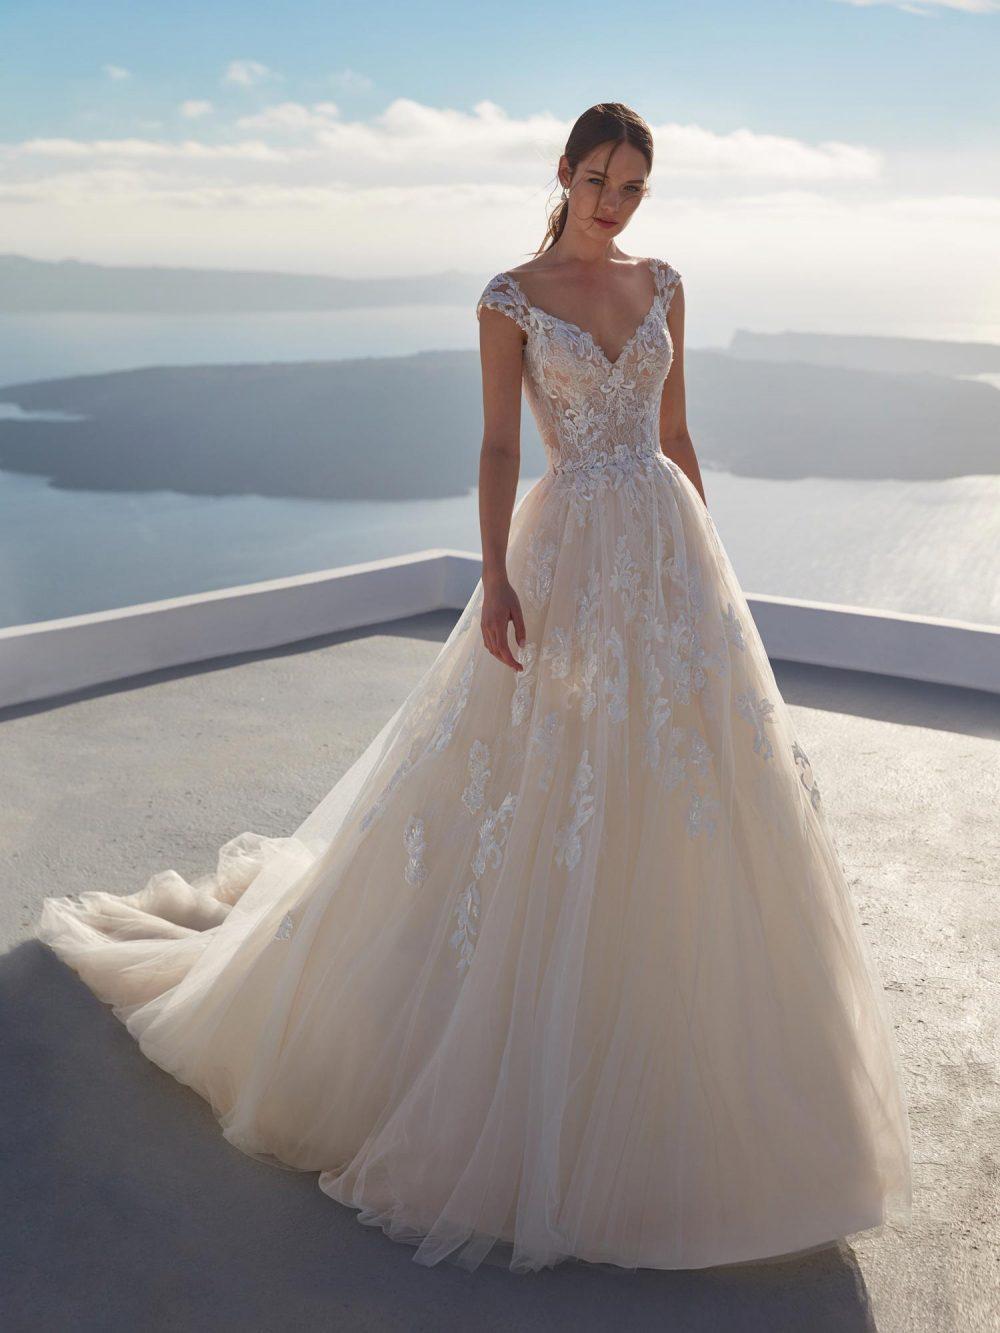 Jolies 2022 abito vestito sposa Vicenza JOINVILLE